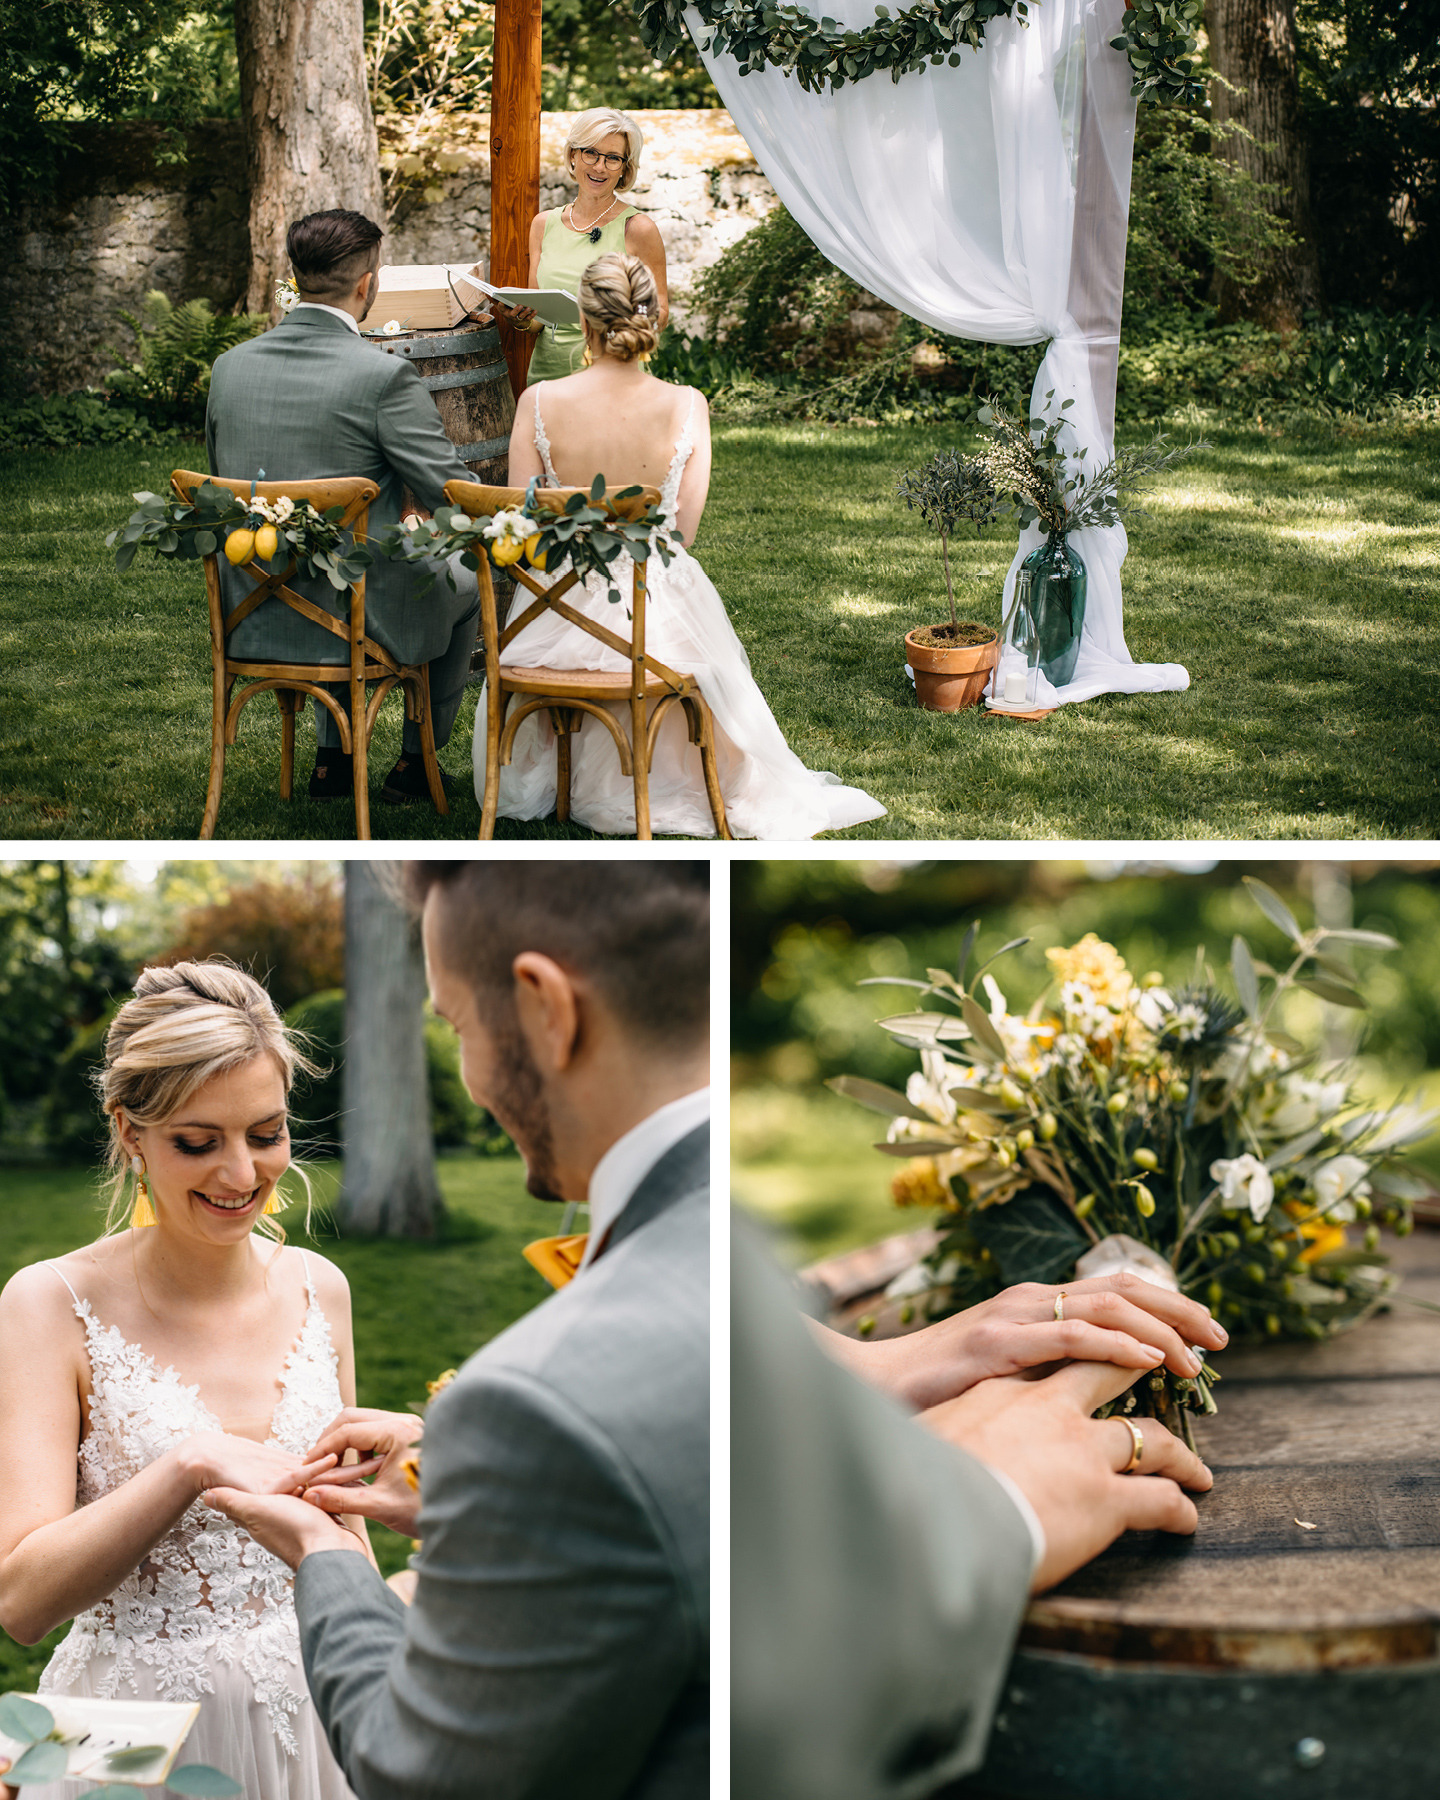 Brautpaar sitzt auf Holzsttühlen vor Traubogen und feiert ihre freie Trauung auf dem Weingut.